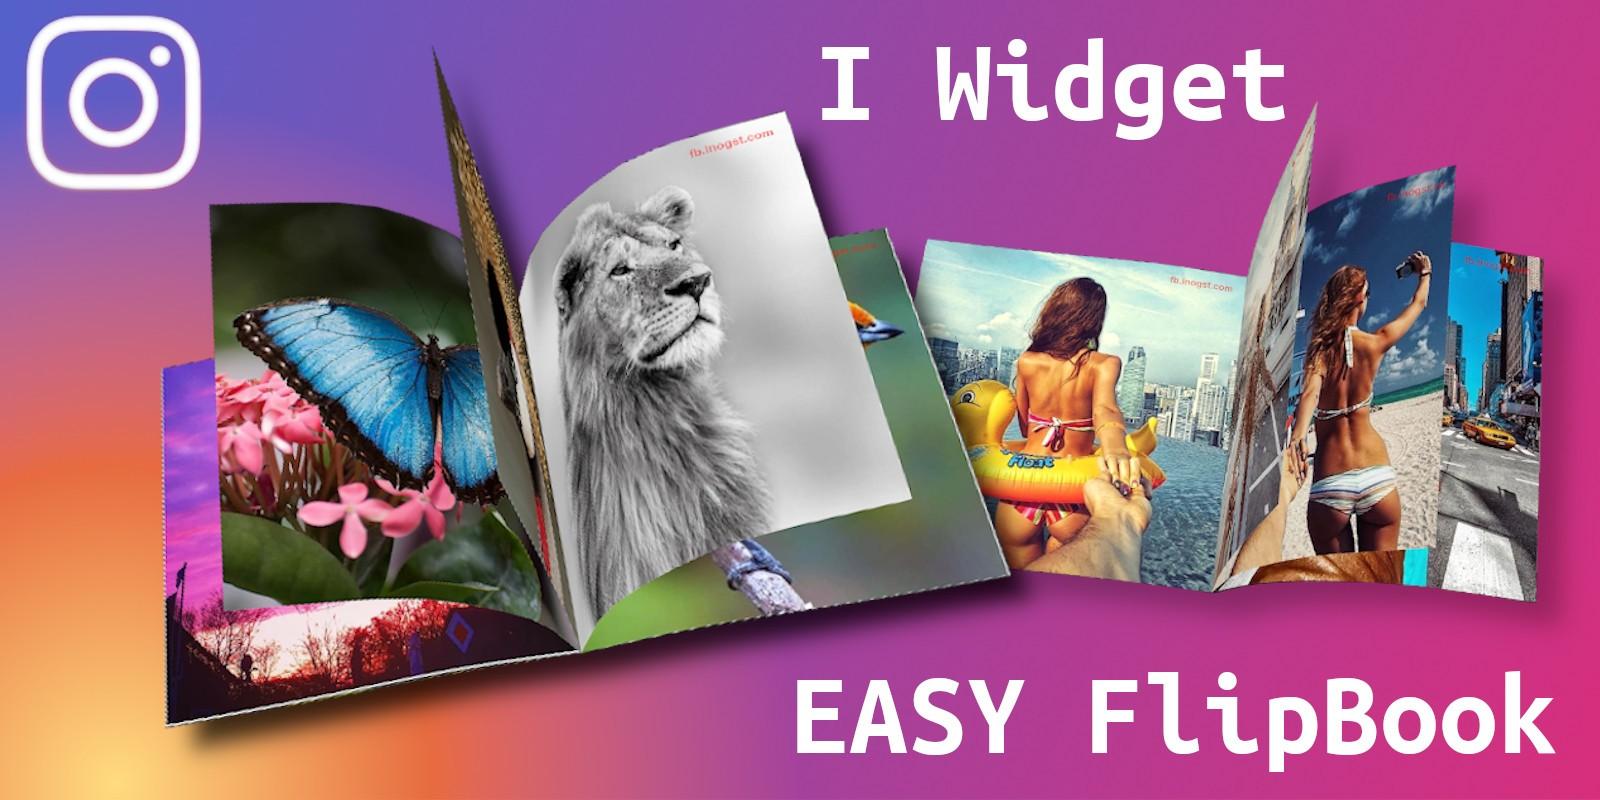 Easy FlipBook Instagram Widget - WordPress Plugin